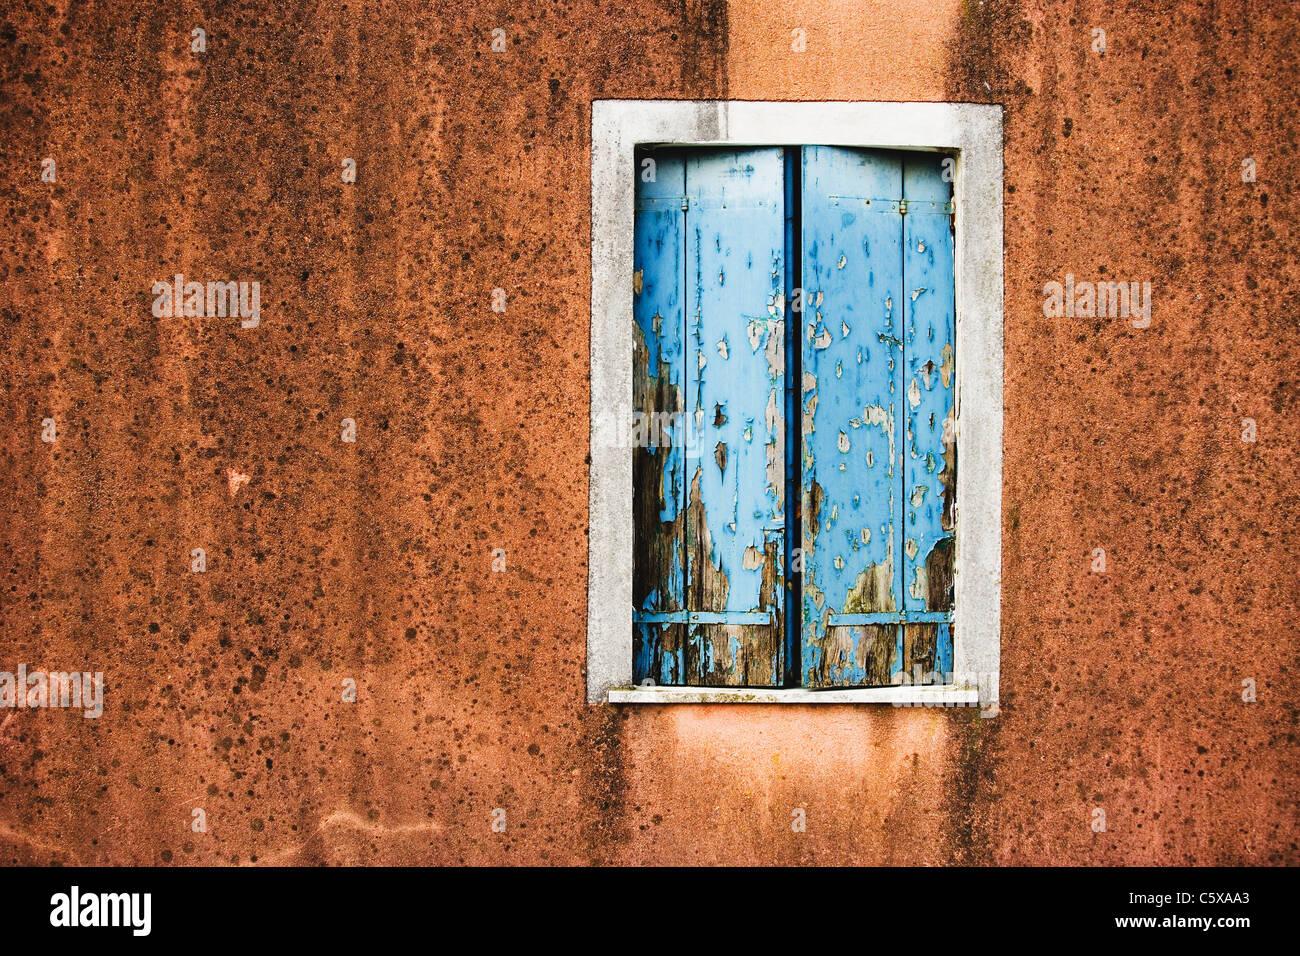 Fassade, verwittert Fensterläden, Nahaufnahme Stockbild